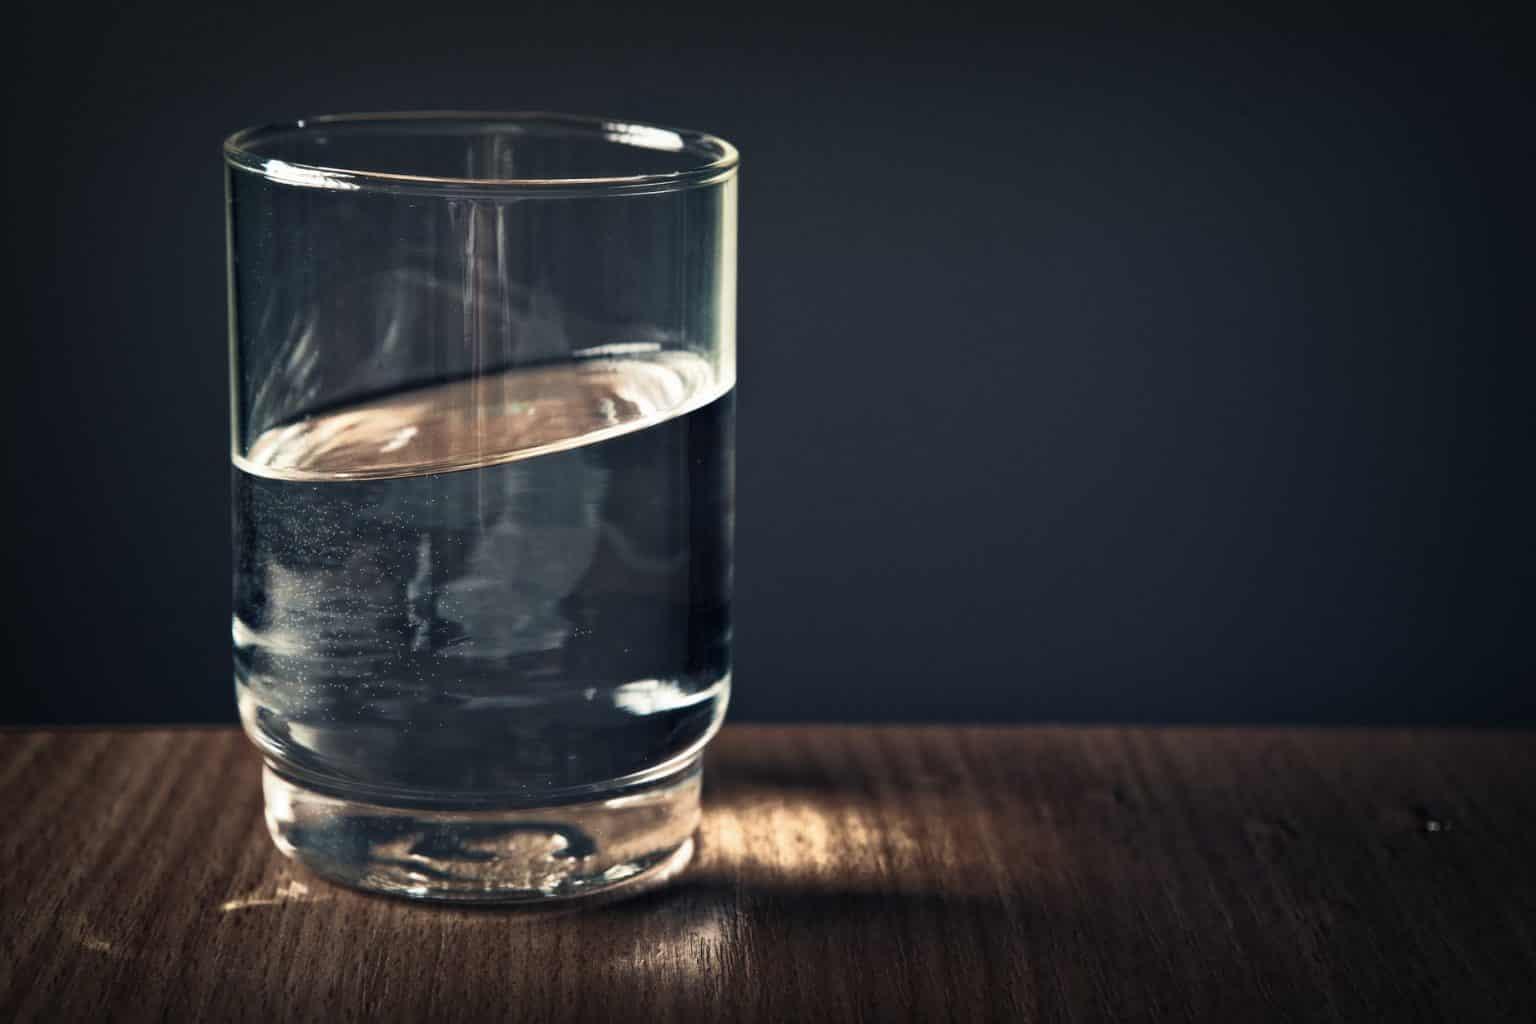 वजन के हिसाब से हर रोज कितना पानी पीना चाहिए, प्रति दिन आपको कितना पानी पीना चाहिए, vajan ke hisab se kitna pani peena chahiye, Sarir ke Hisab se har roj Kitna Pani Peena Chahiye, वजन के हिसाब से कितना पानी पीना चाहिए, How Much Water Should Drink Per Day in Hindi,